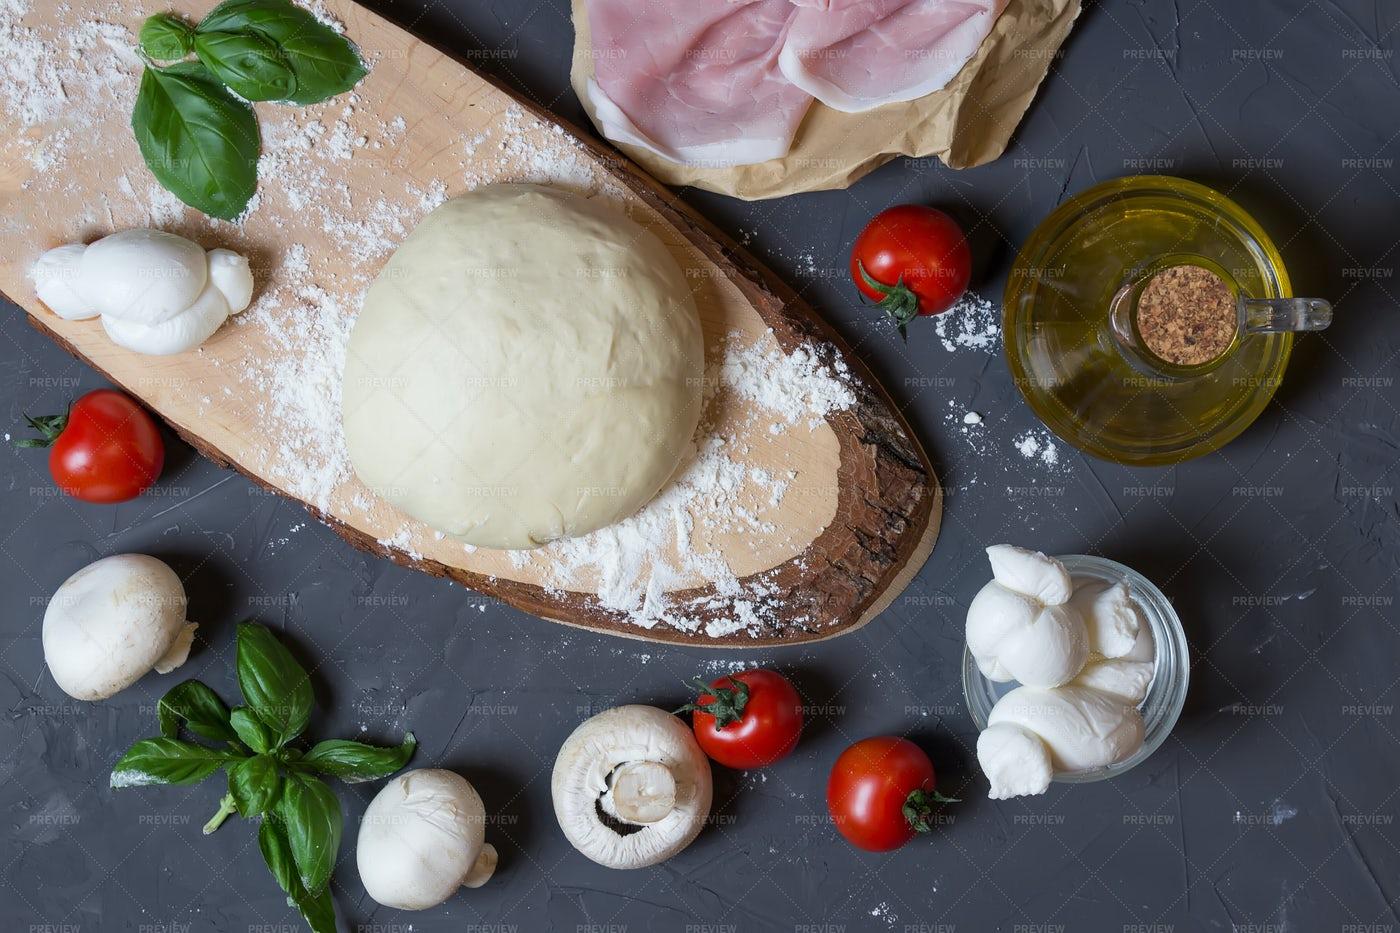 Raw Dough For Pizza: Stock Photos